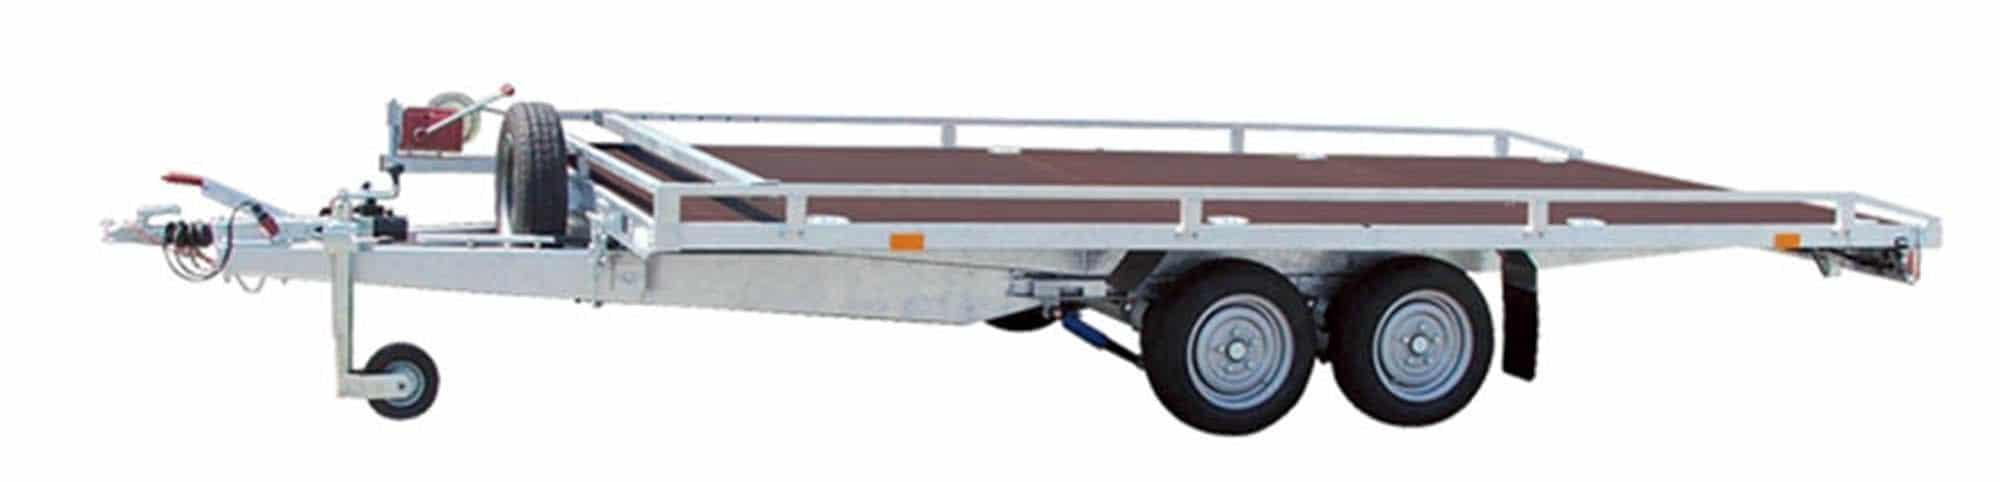 Přepravní přívěs Agados AD 3,5 plato